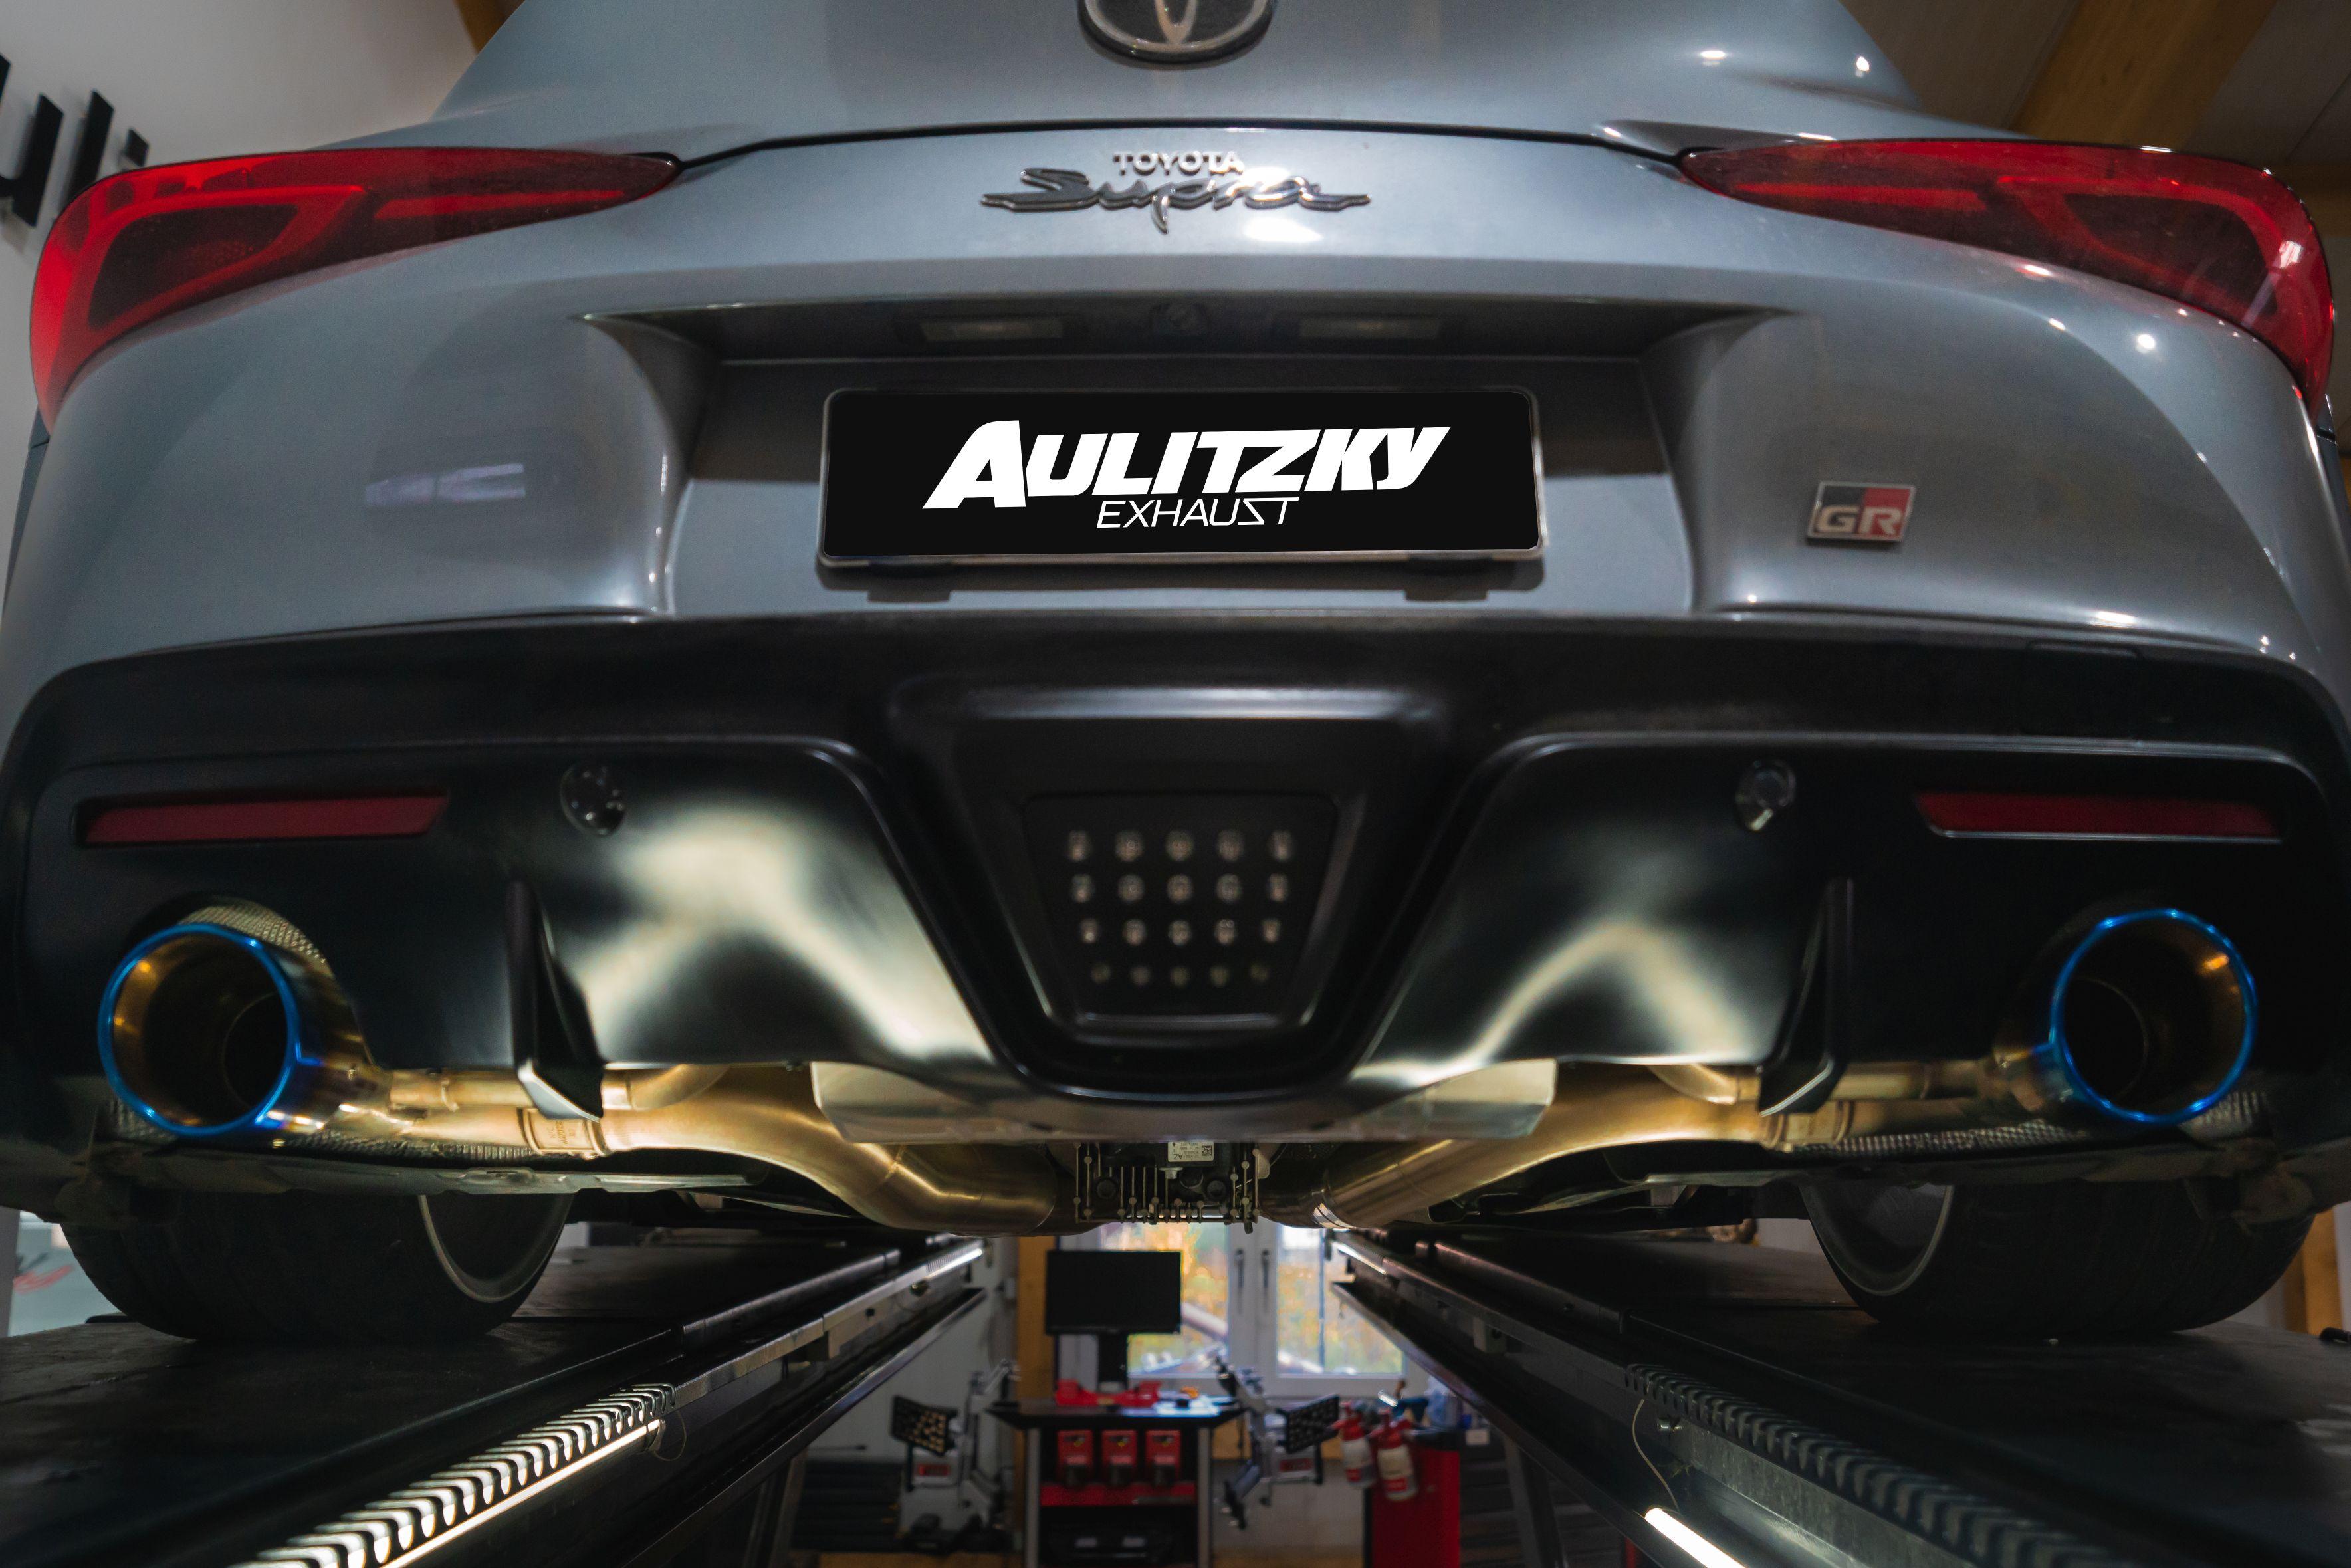 Aulitzky Exhaust | Toyota Supra MK5 | GR Supra Legend 3.0 | A90 | Endschalldämpfer mit Klappensteuerung